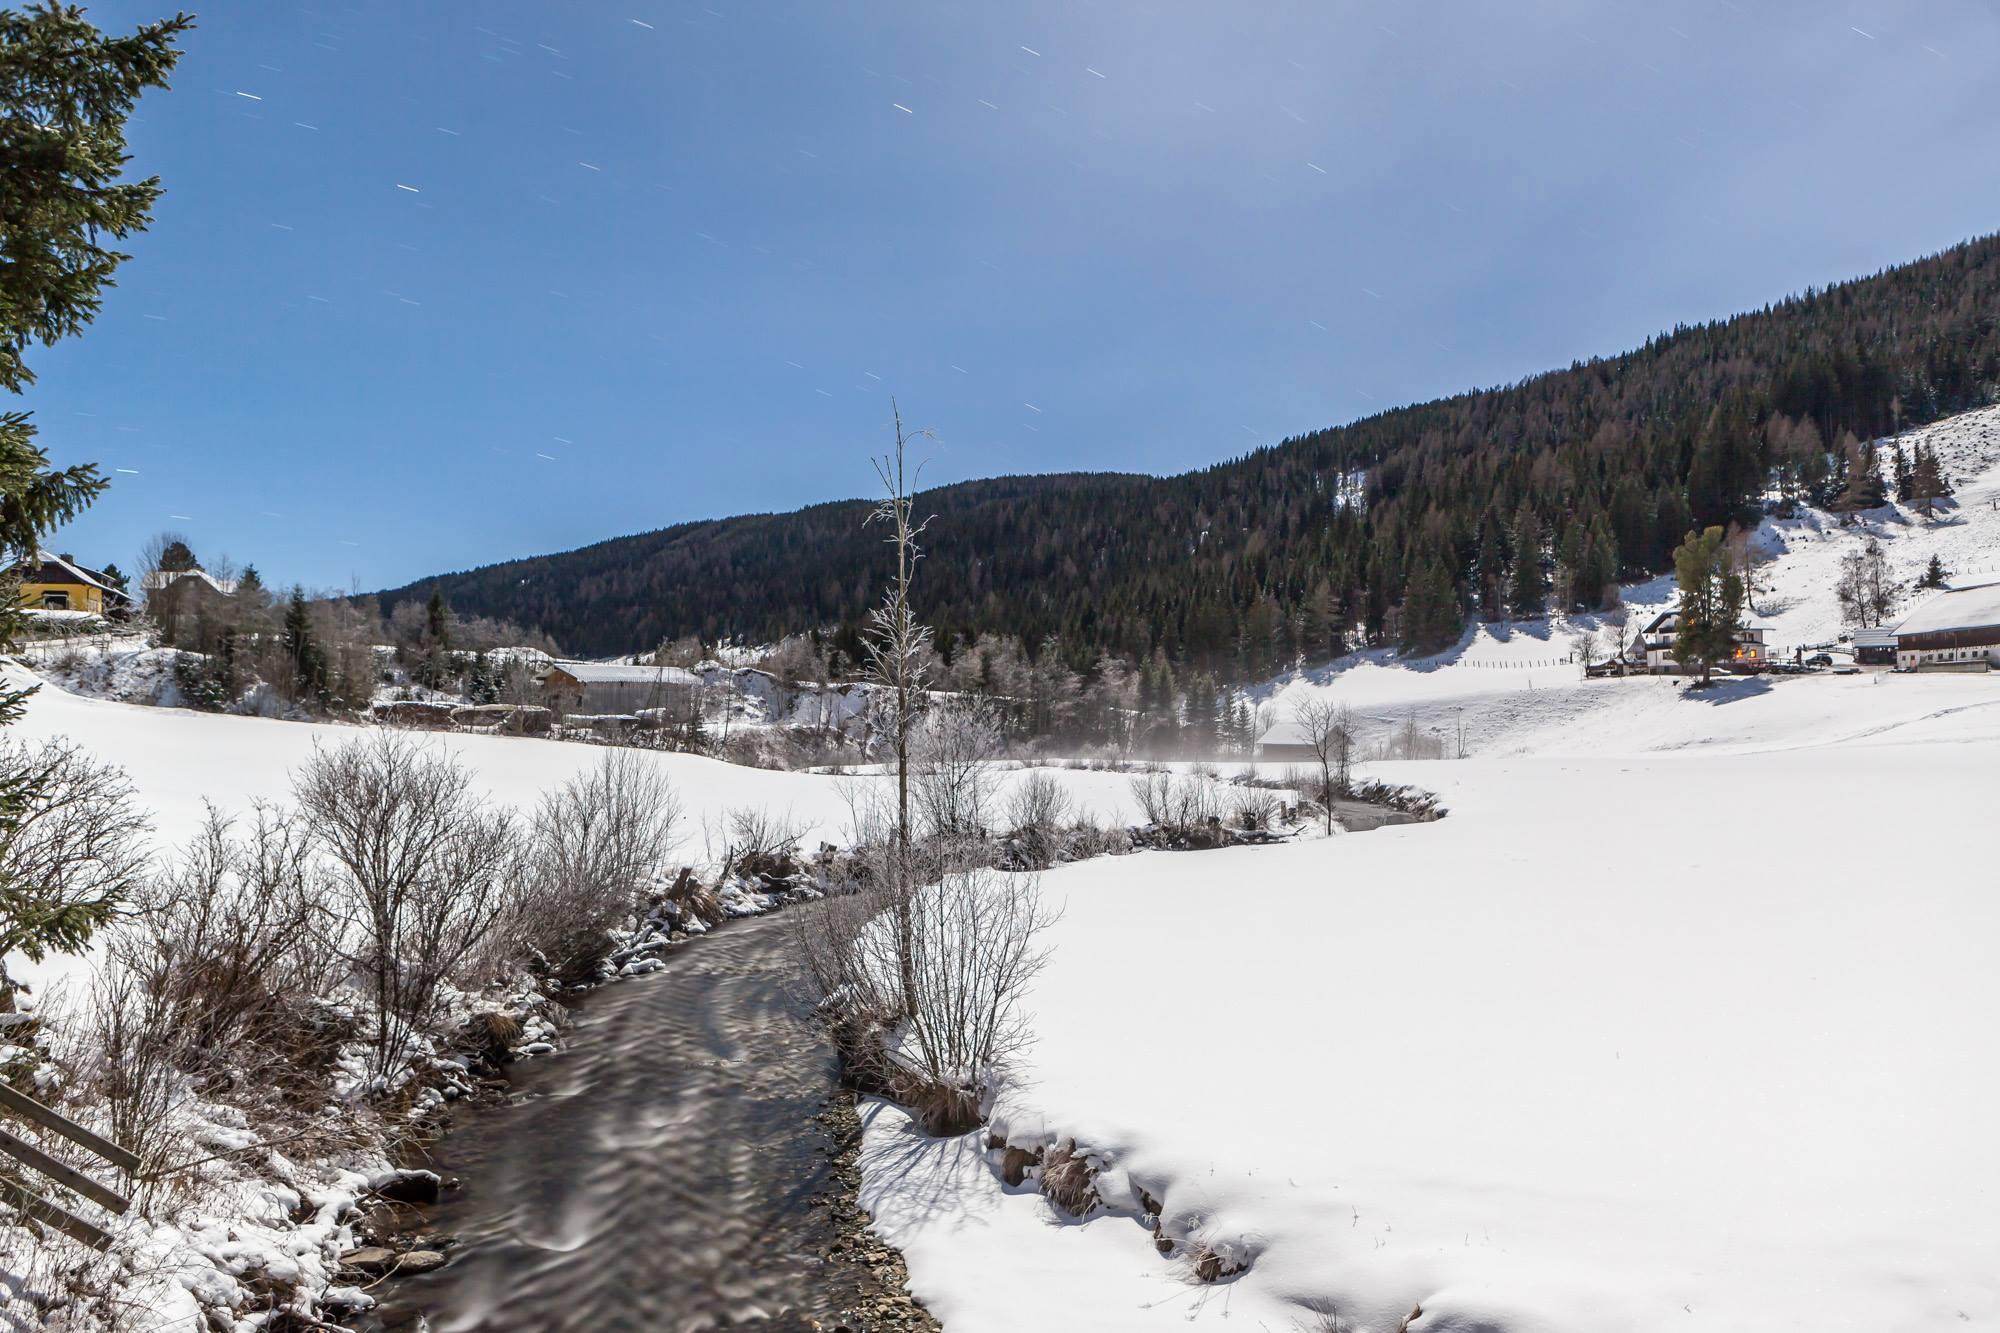 A beautiful day in Austria